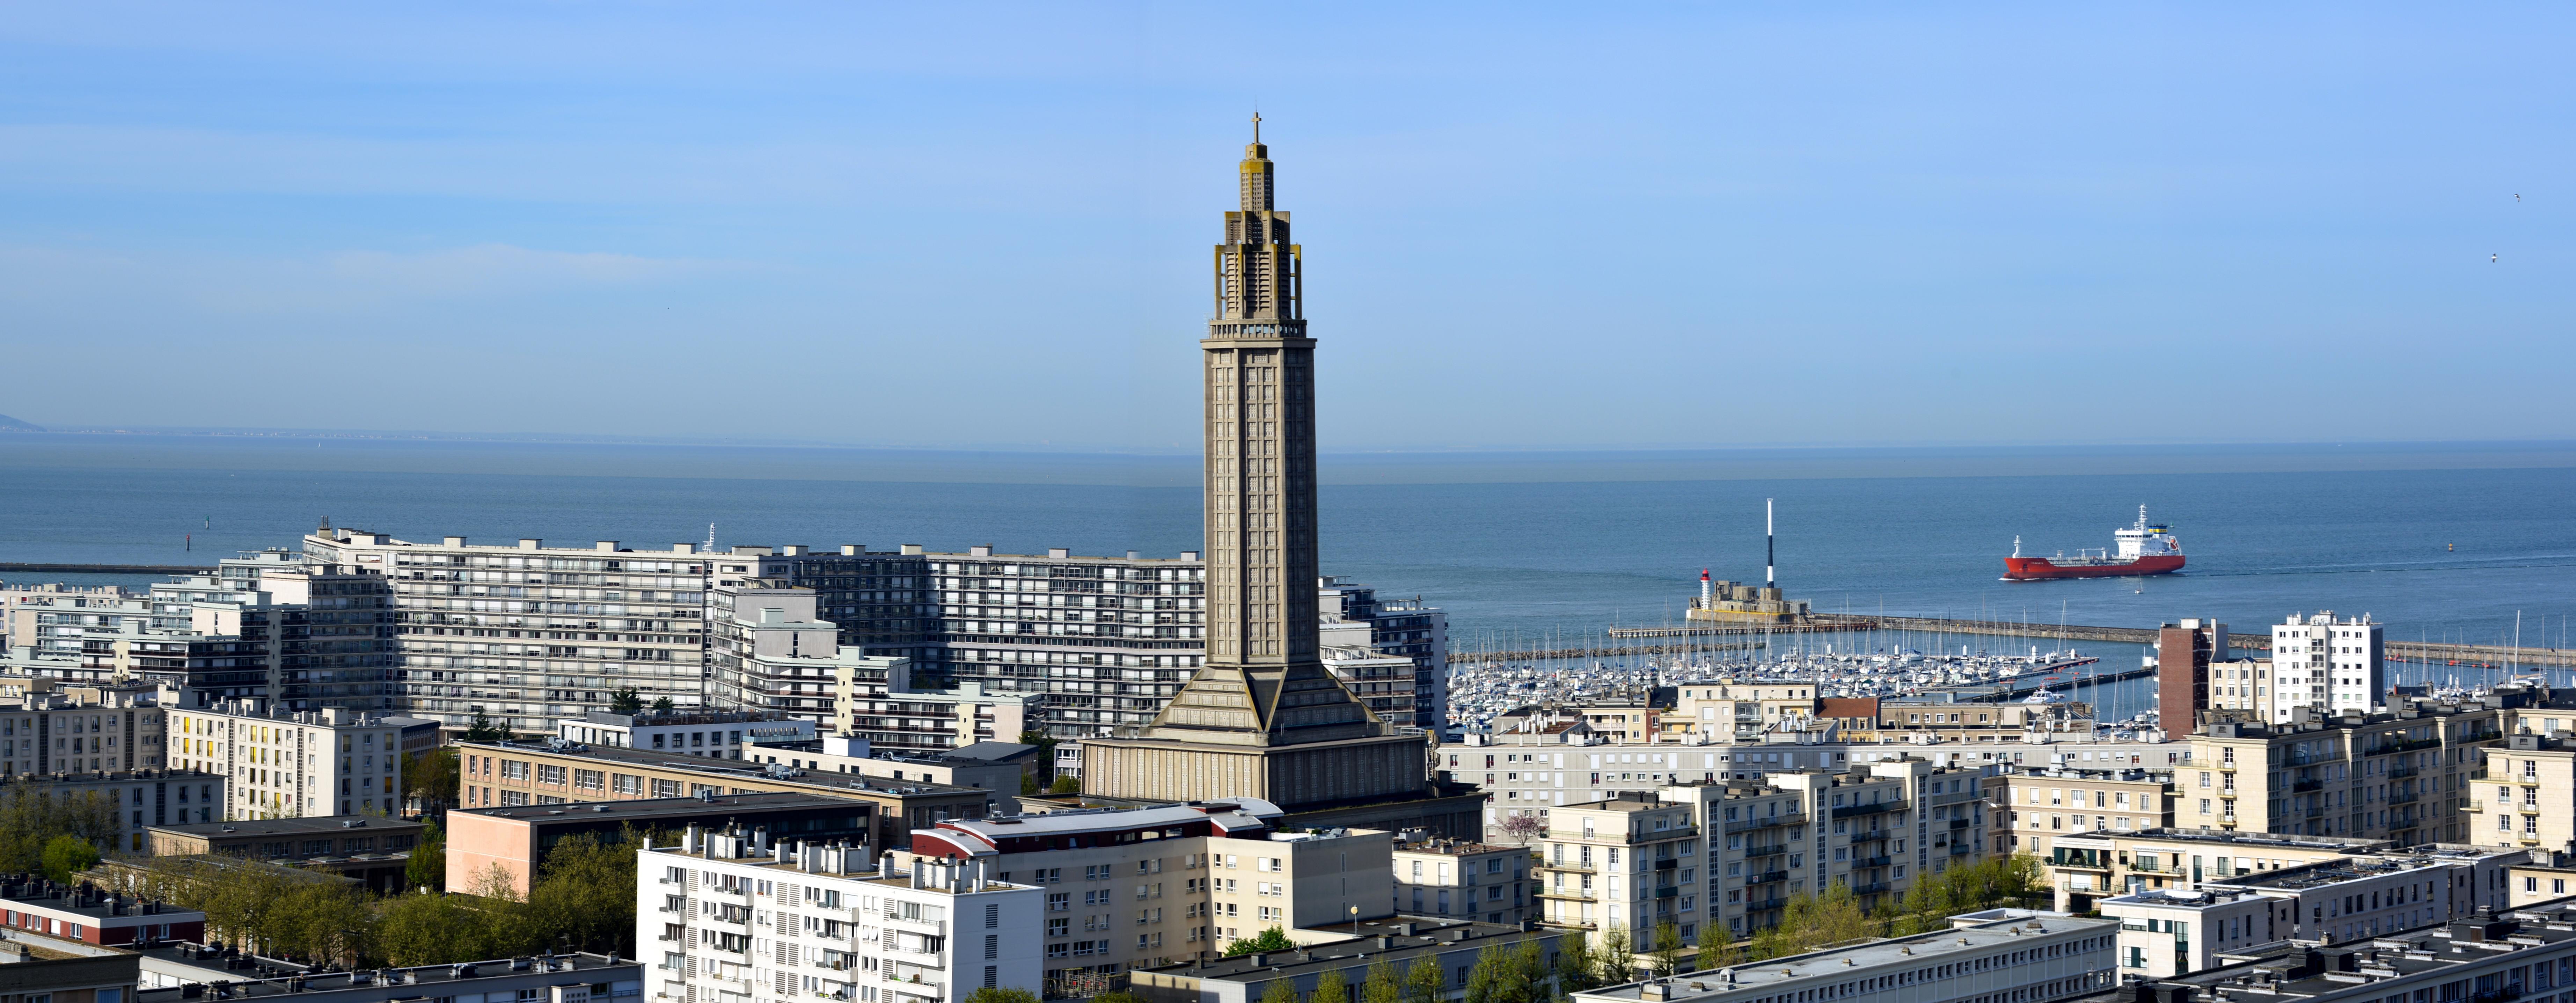 2016 05_106_Le Havre par Perret